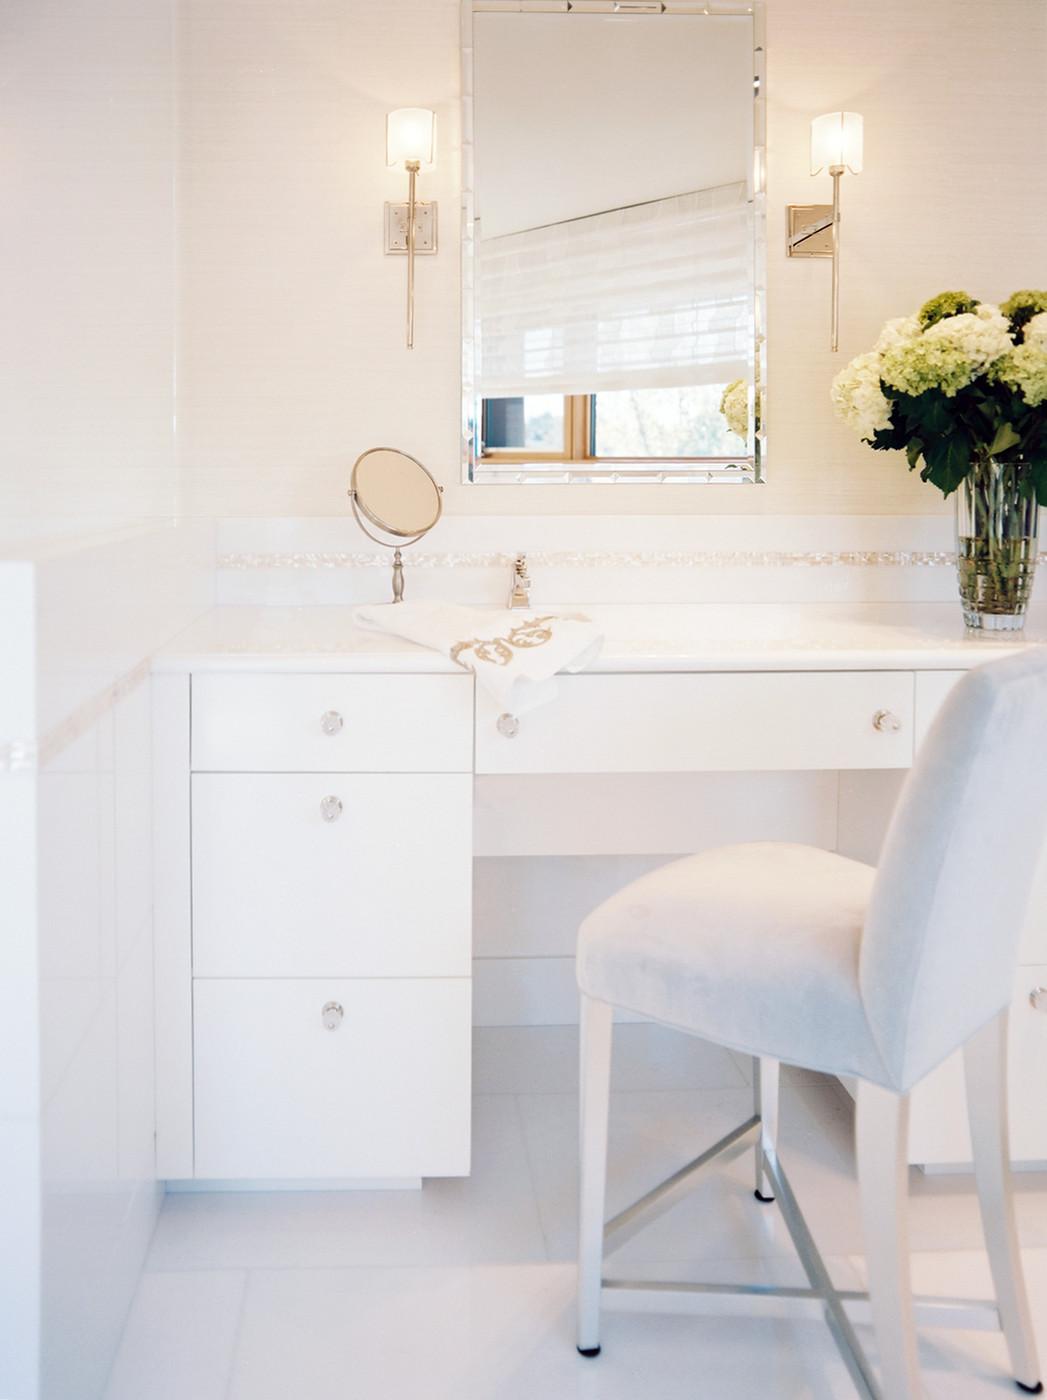 the luxury look of high end bathroom vanities. Black Bedroom Furniture Sets. Home Design Ideas